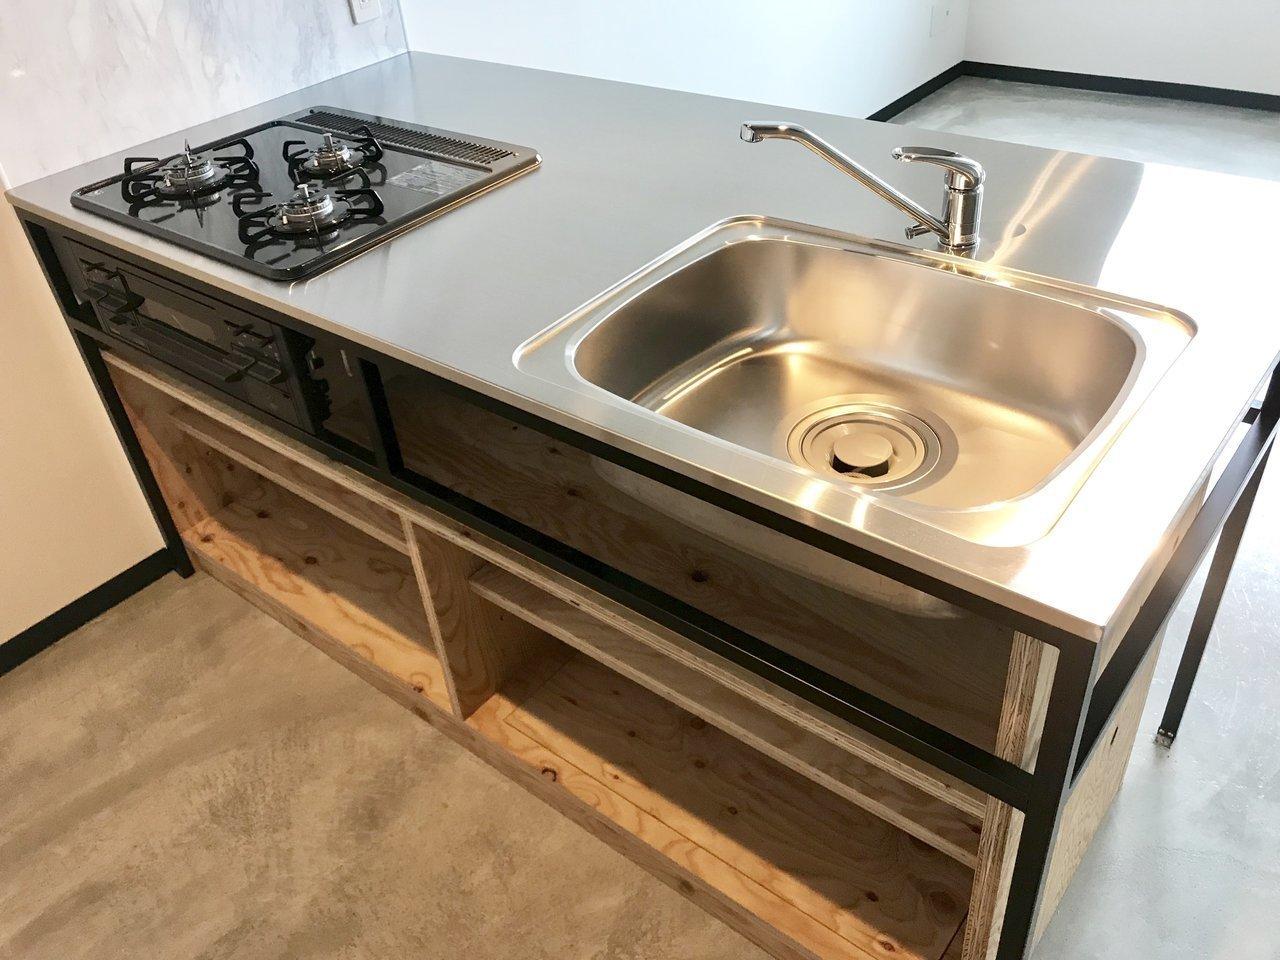 ガスコンロと調理スペース、広々シンク、の3点セットに加えて、下段には収納スペースも。お鍋やお皿などを平置きしたらちょうどよさそう。